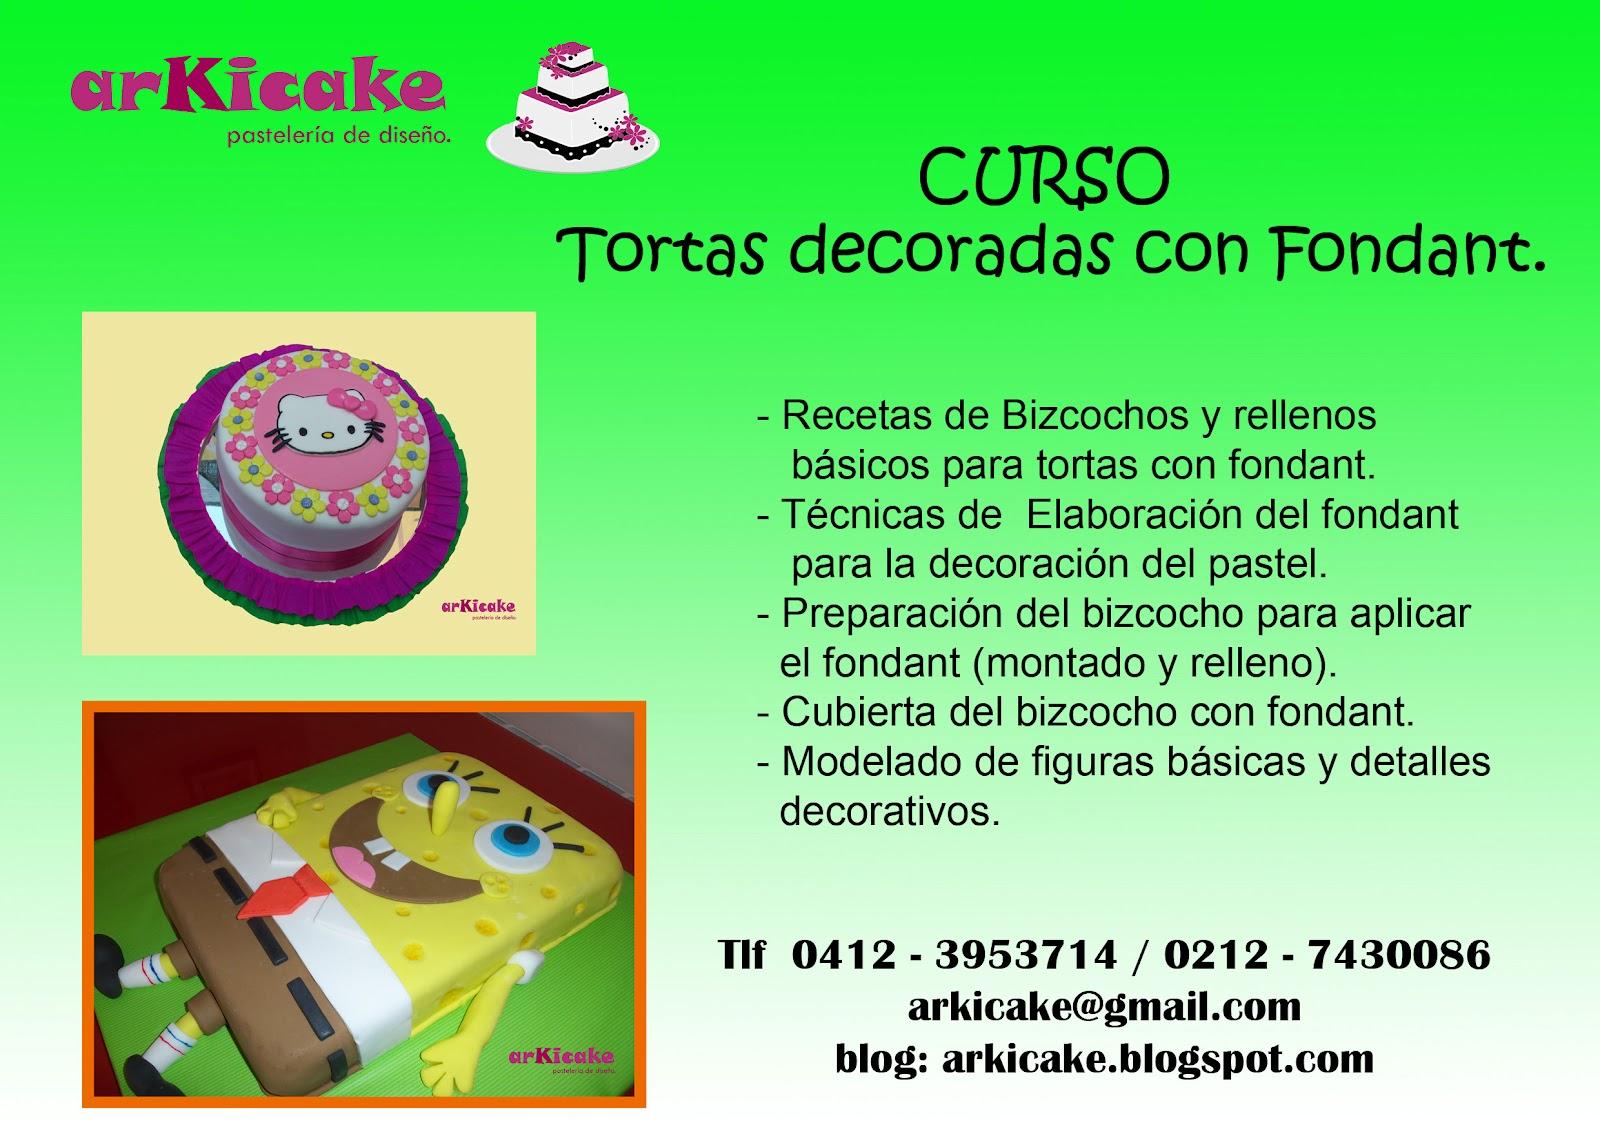 Arkicake cursos decoraci n de tortas for Cursos de decoracion